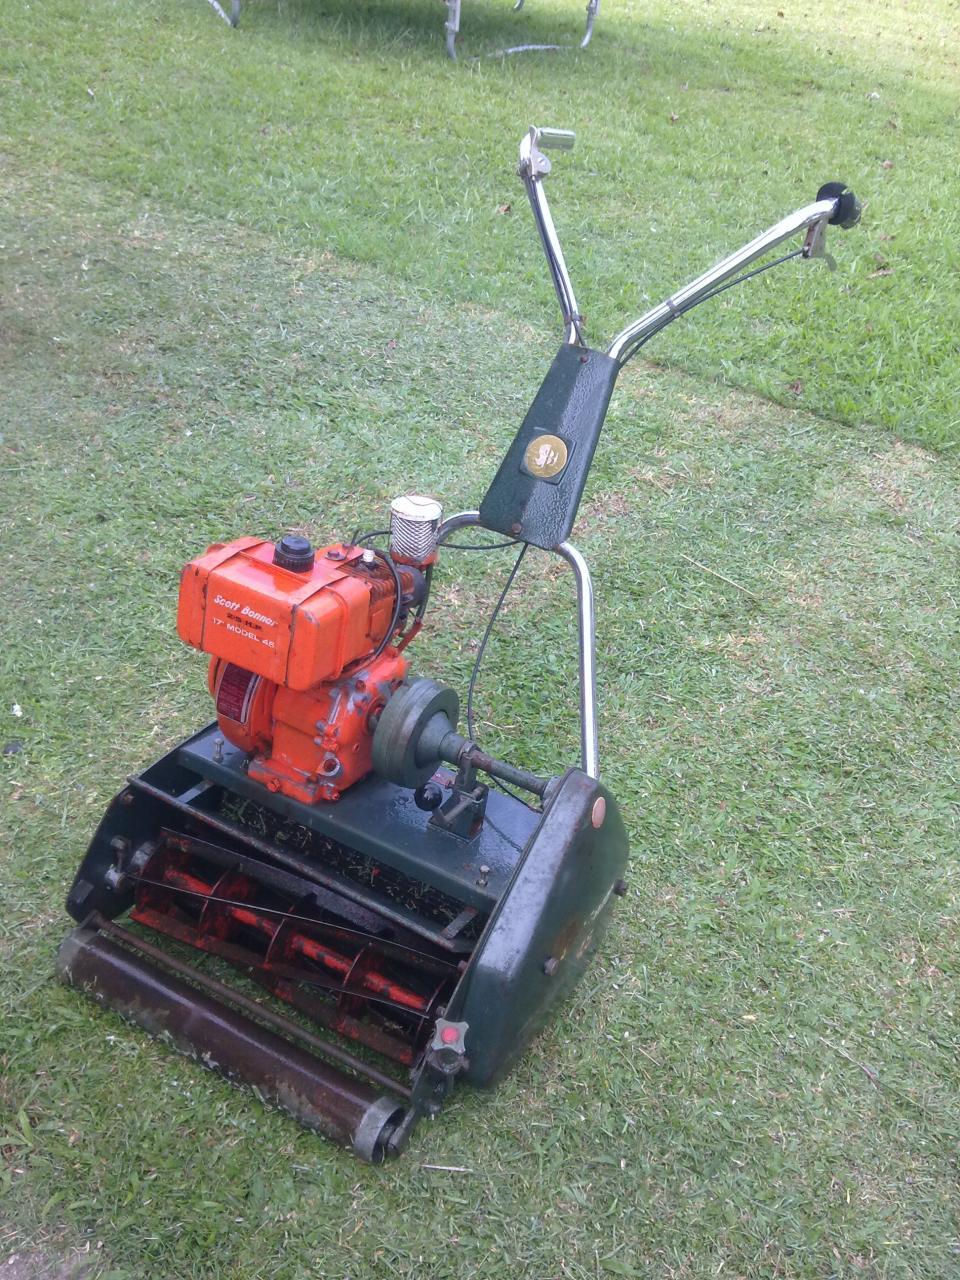 repair manual scott bonner 45 reel mower